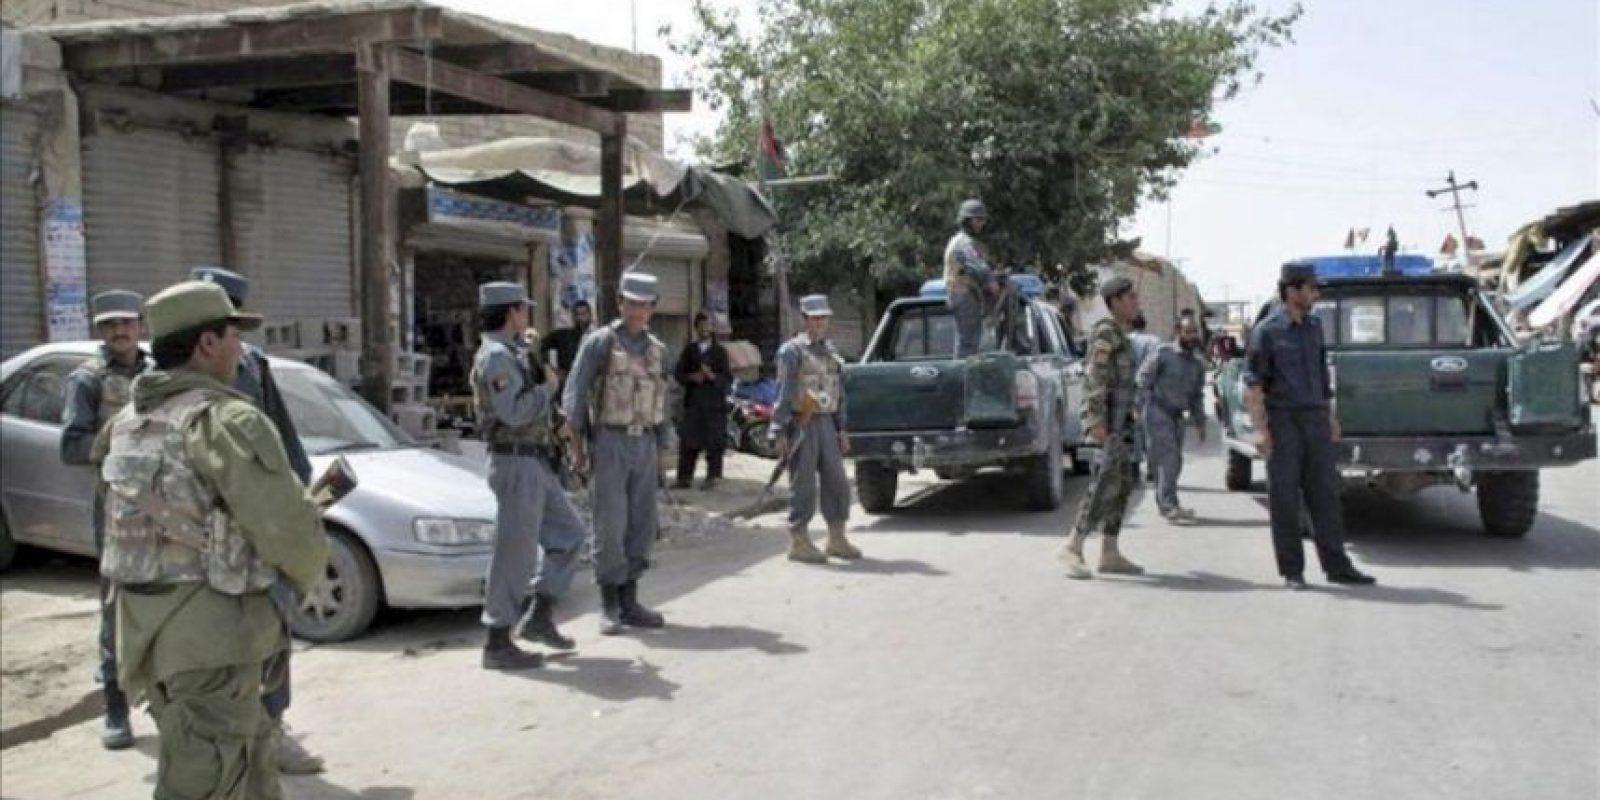 Oficiales de seguridad afganos inspeccionan el lugar de la explosión de una bomba en un extremo de una carretera que causó la muerte de ocho civiles y varios heridos, en el distrito de Musa Qala, en la provincia de Helmand, Afganistán, hoy martes 19 de junio de 2012. EFE